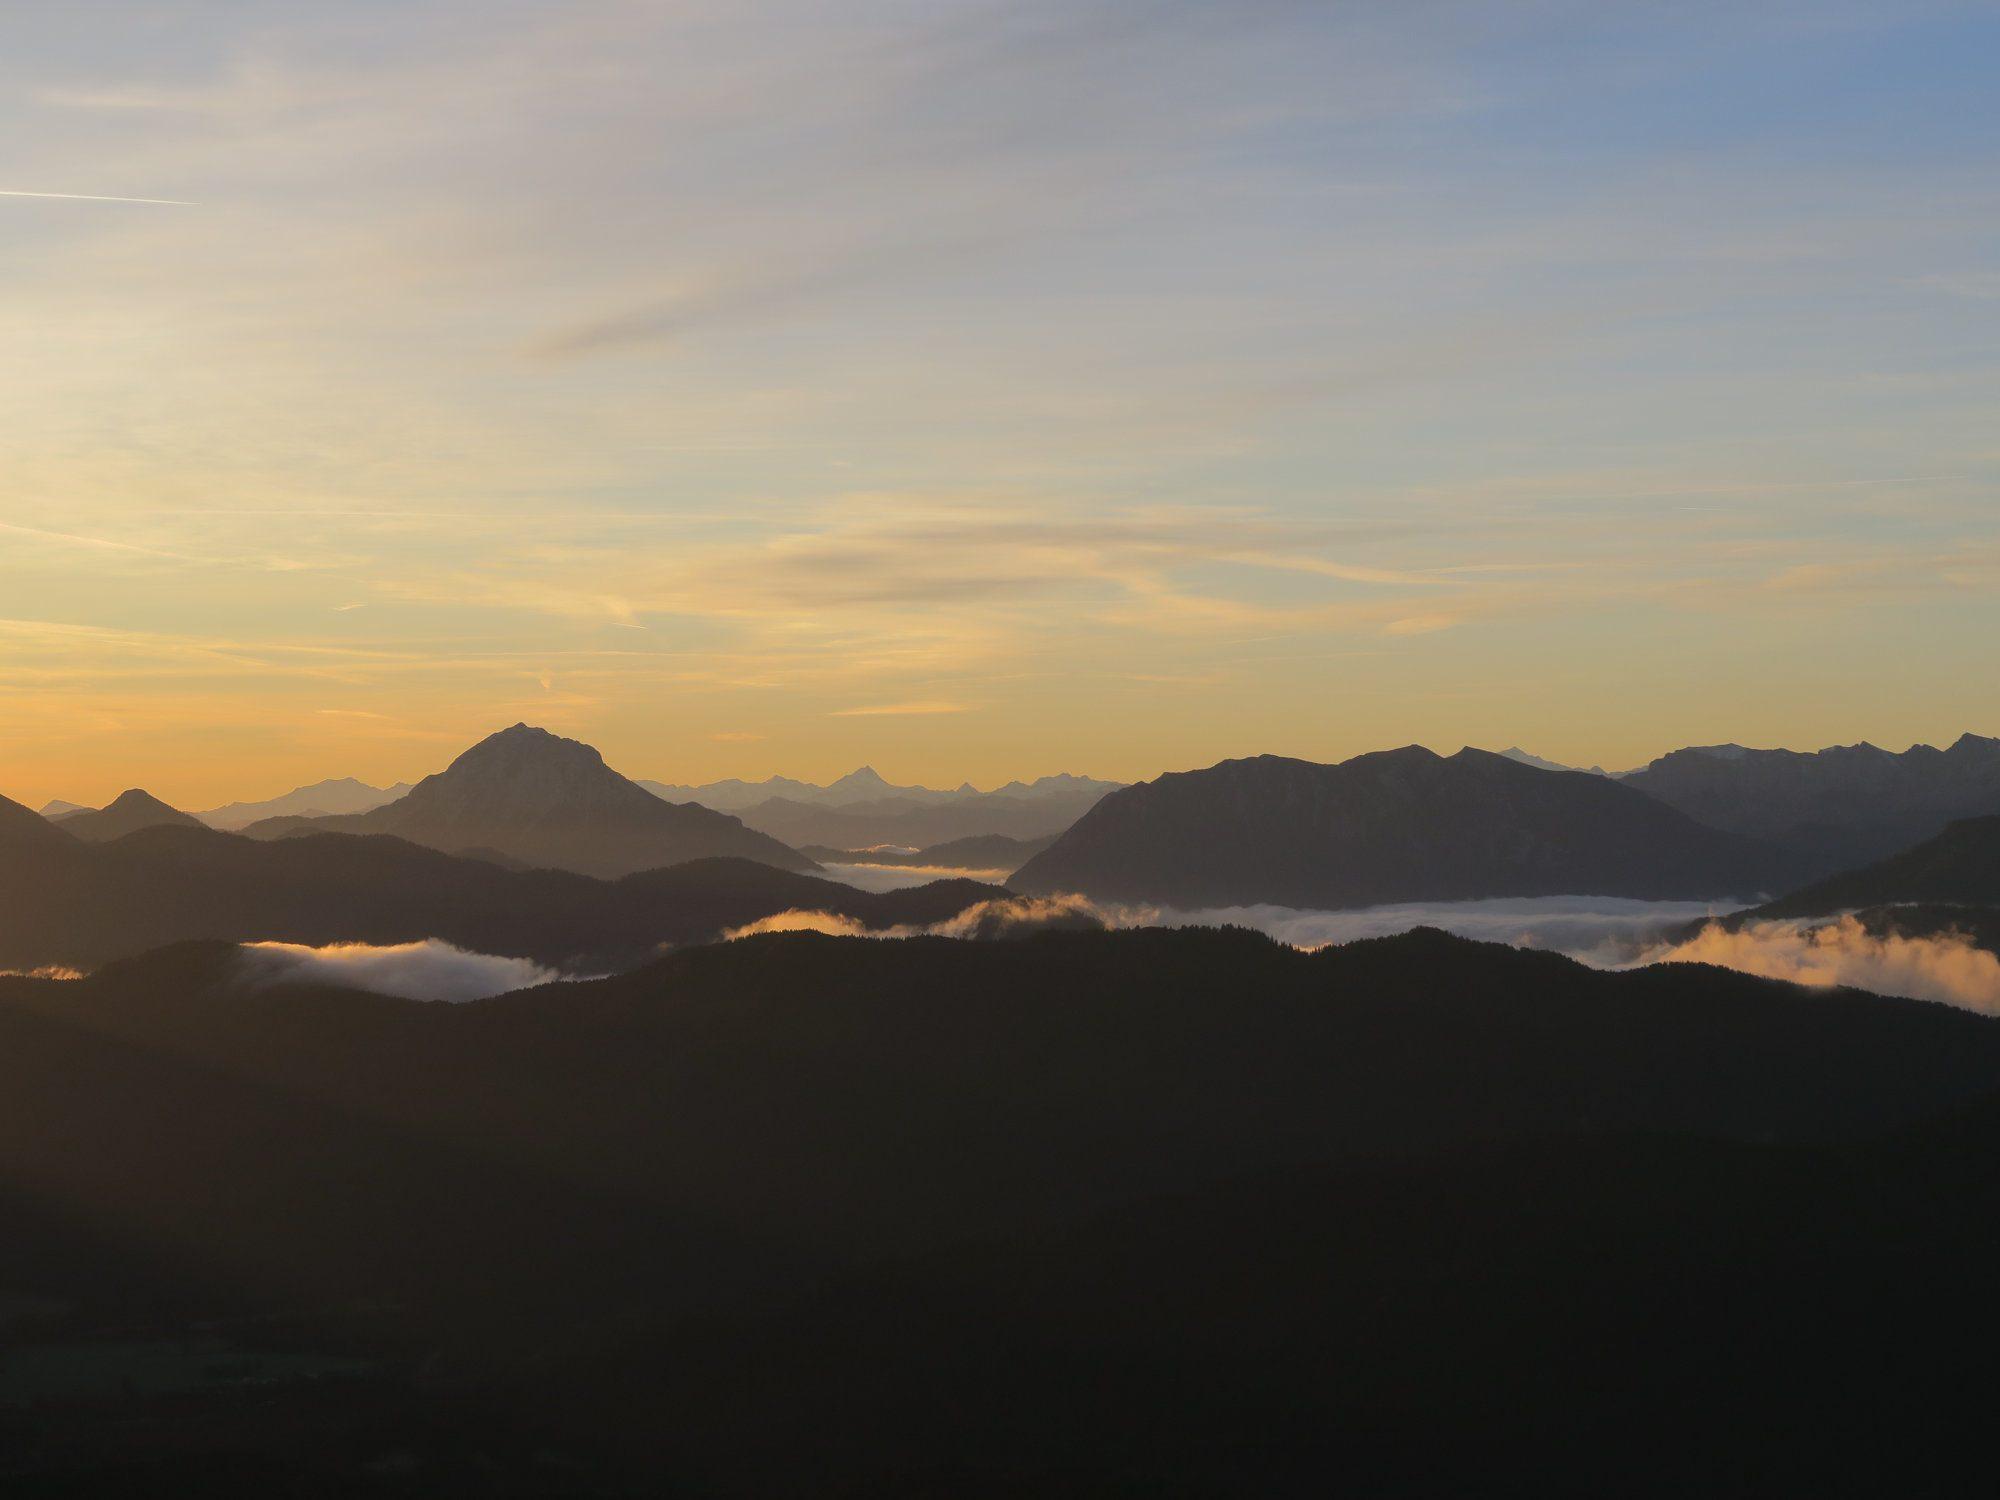 Sonnenaufgang über den Bergen bei der Herbstwanderung Brauneck Fjella